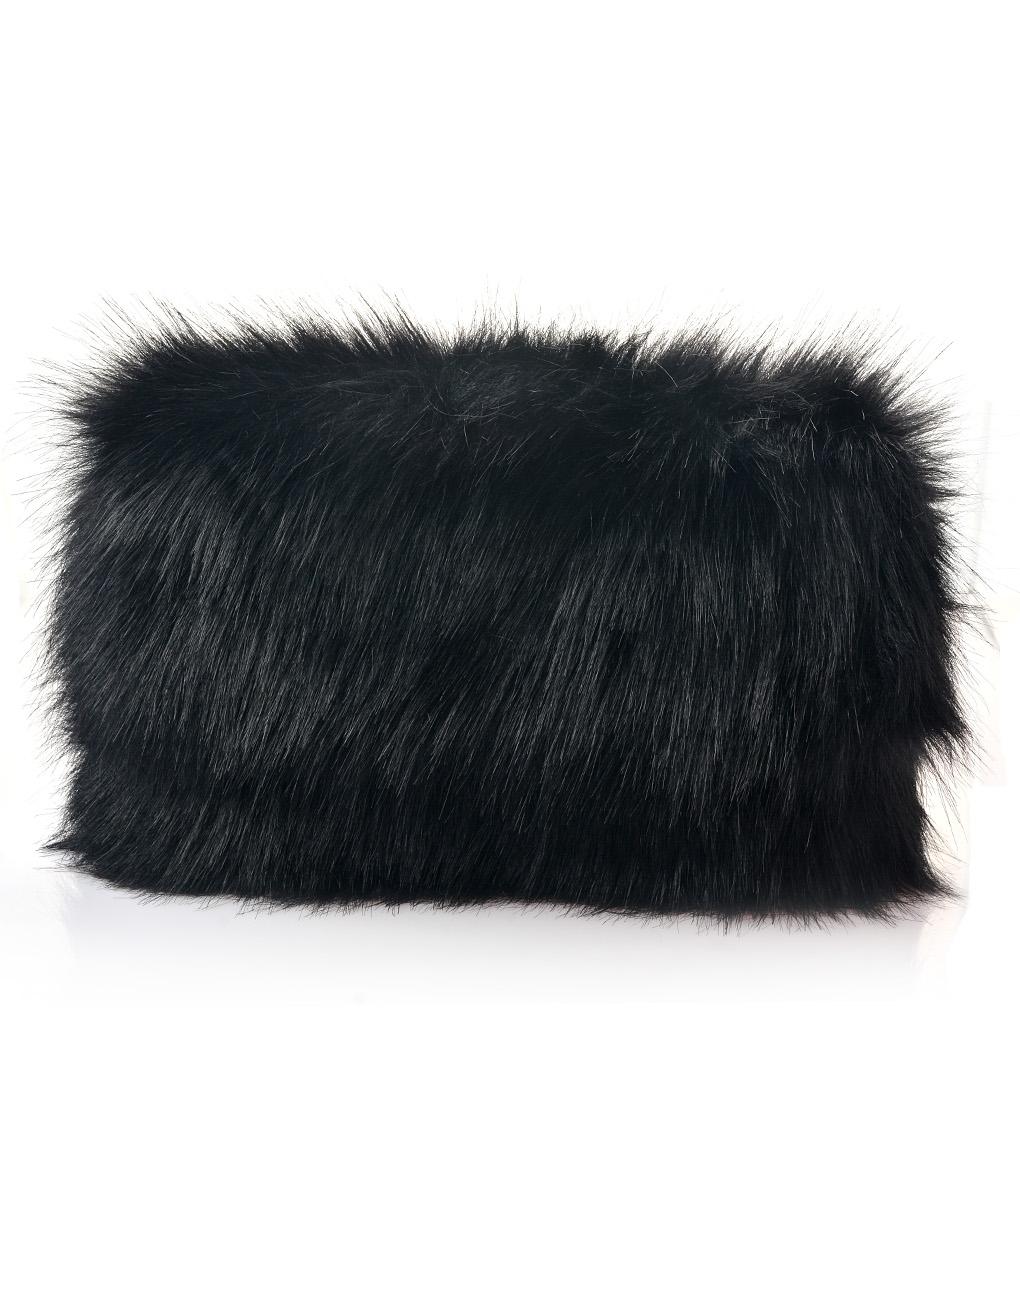 693d40161a8d Plain Fur Folded Clutch Bag - LUXE Wholesale